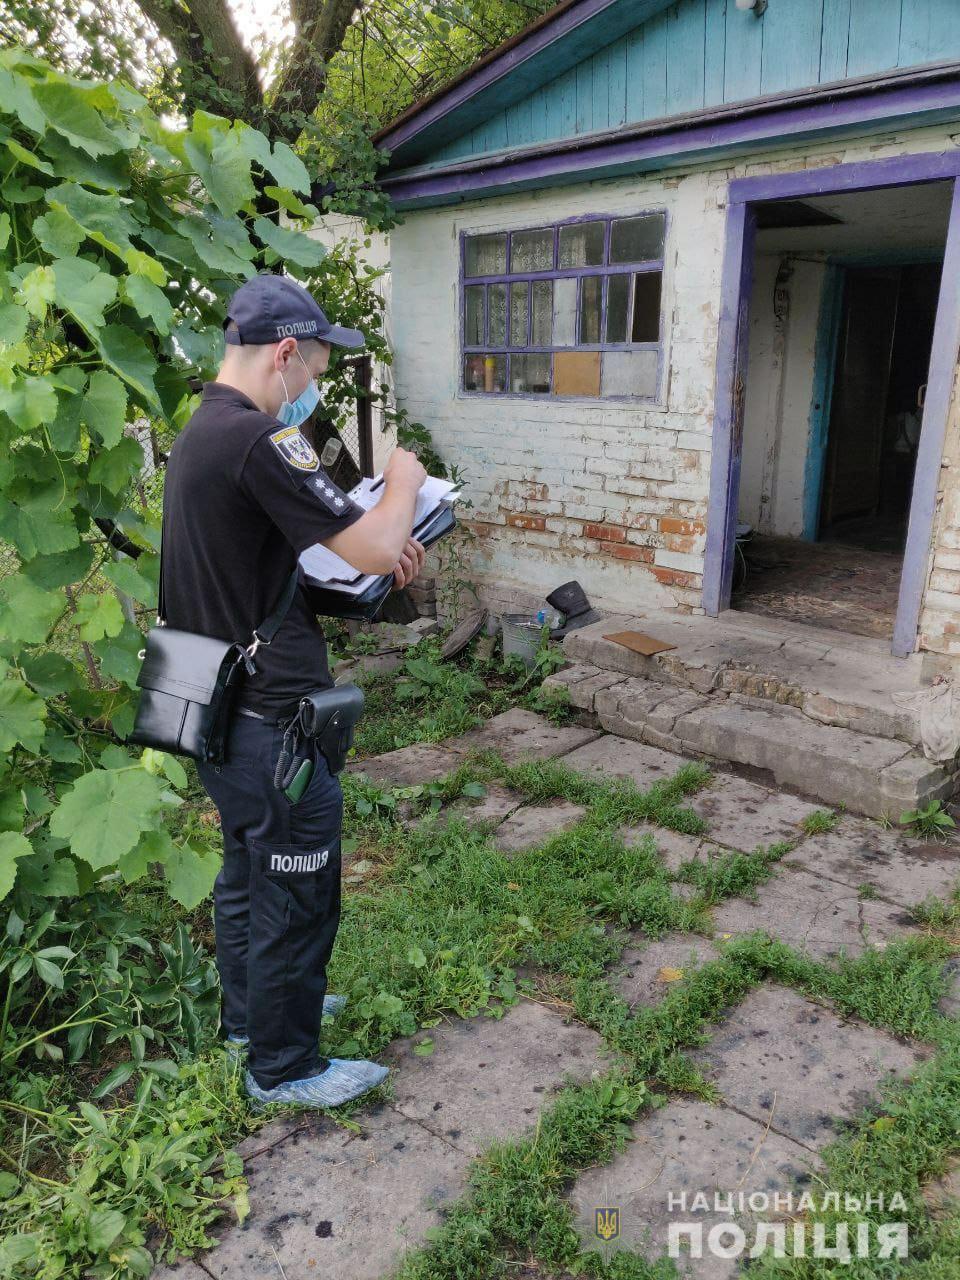 Через оковиту: на Чернігівщині батько зарубав сина. ФОТО